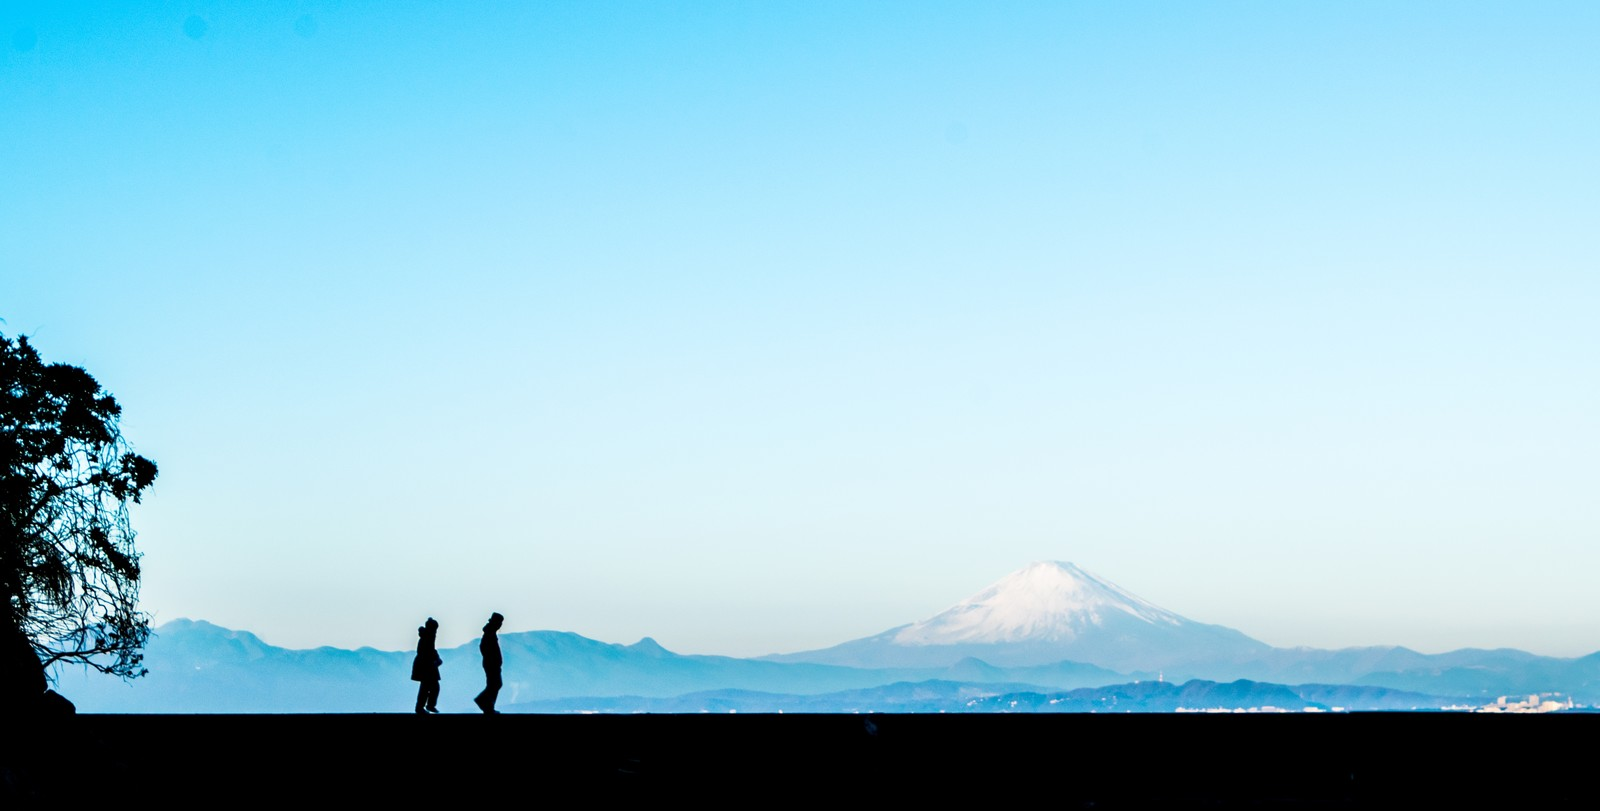 「富士山をバックに散歩する二人の男女(シルエット)」